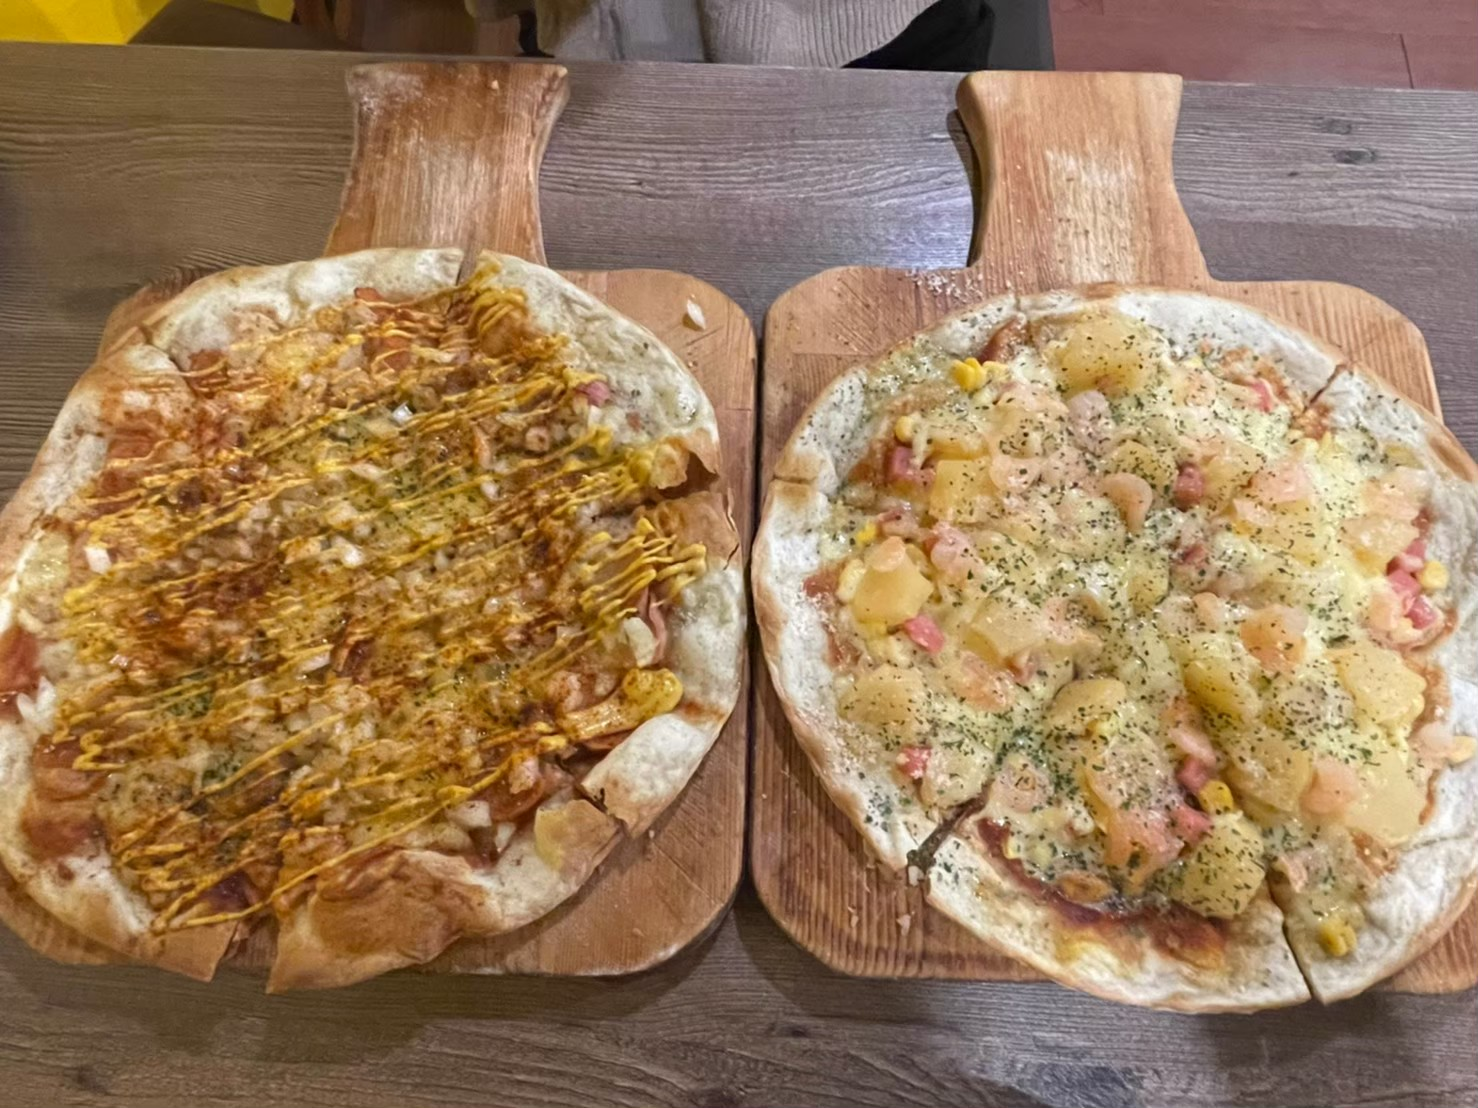 桃園中壢。大窯大擺手工窯烤披薩 | 中壢聚餐 | 中壢Pizza | 薄皮比薩